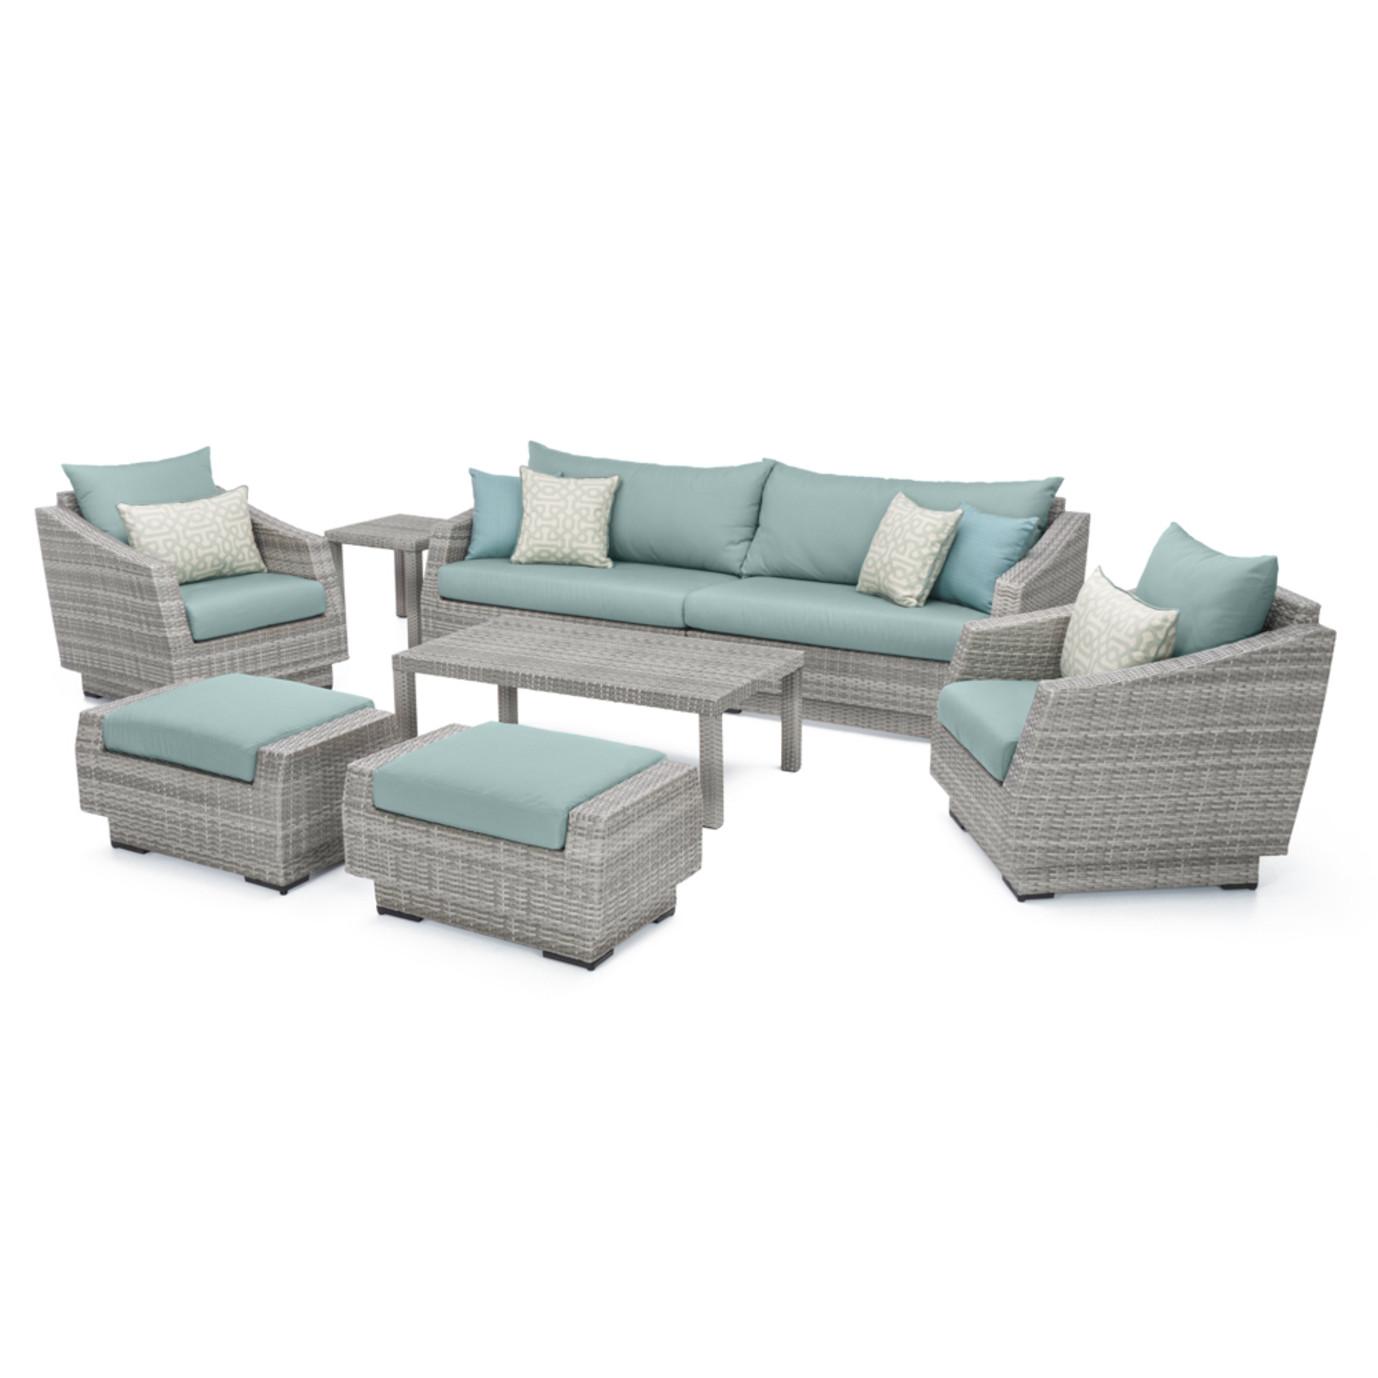 Cannes™ 8pc Sofa & Club Chair Set - Spa Blue